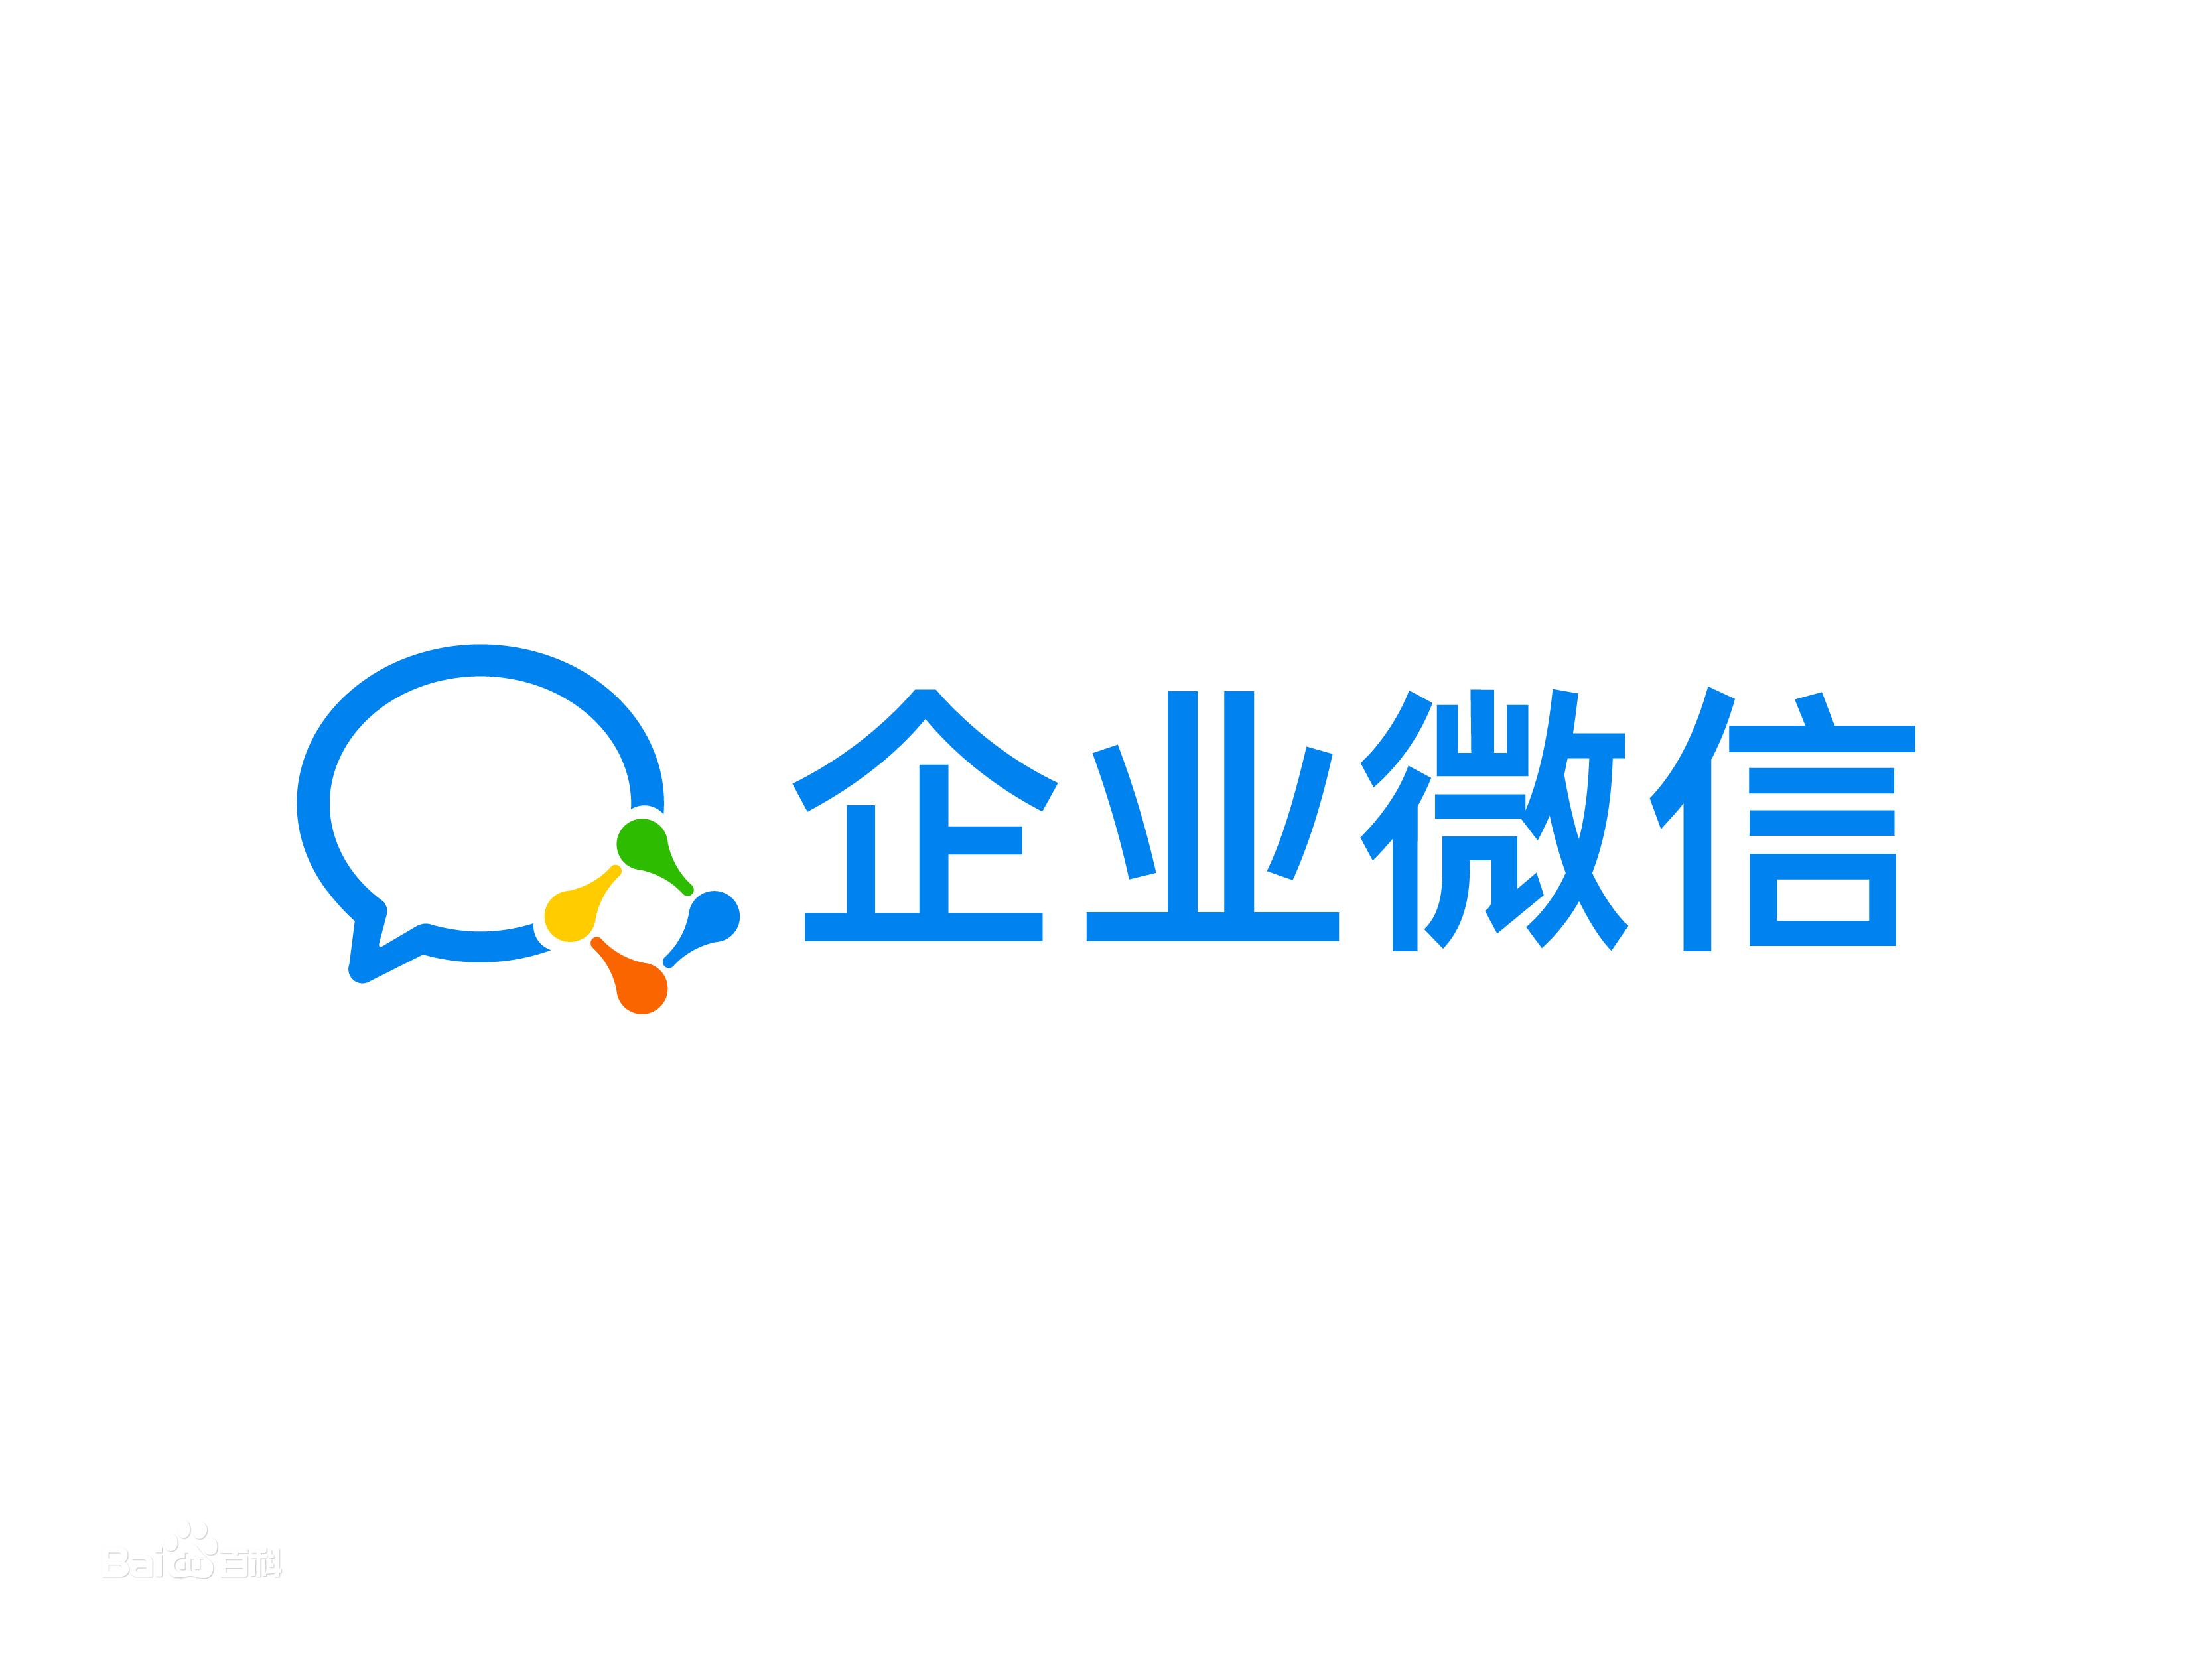 【ToB快讯】企业微信发布上半年最大版本更新,全面升级社群管理功能